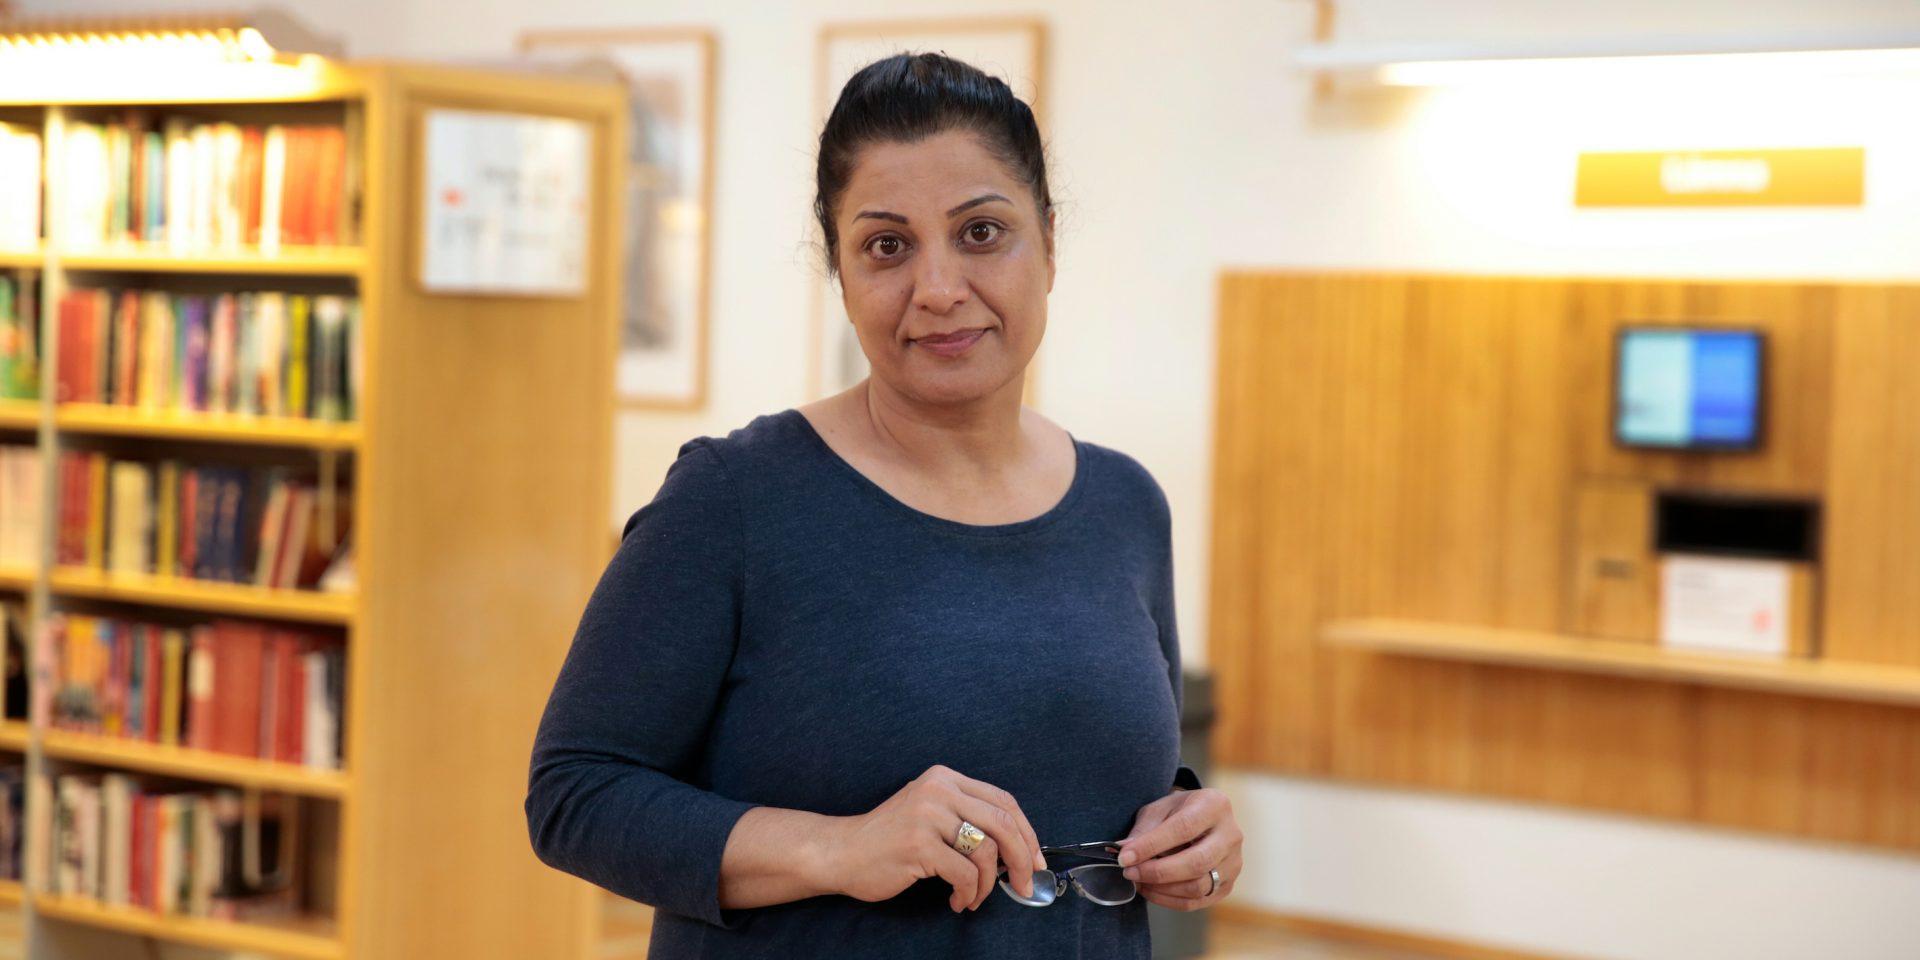 Ashraf Bagheri var 2018–2020 fristadsförfattare i Uppsala, där hon fortfarande lever, och skriver bland annat krönikor om kvinnors rättigheter i Iran, i OmVärlden.